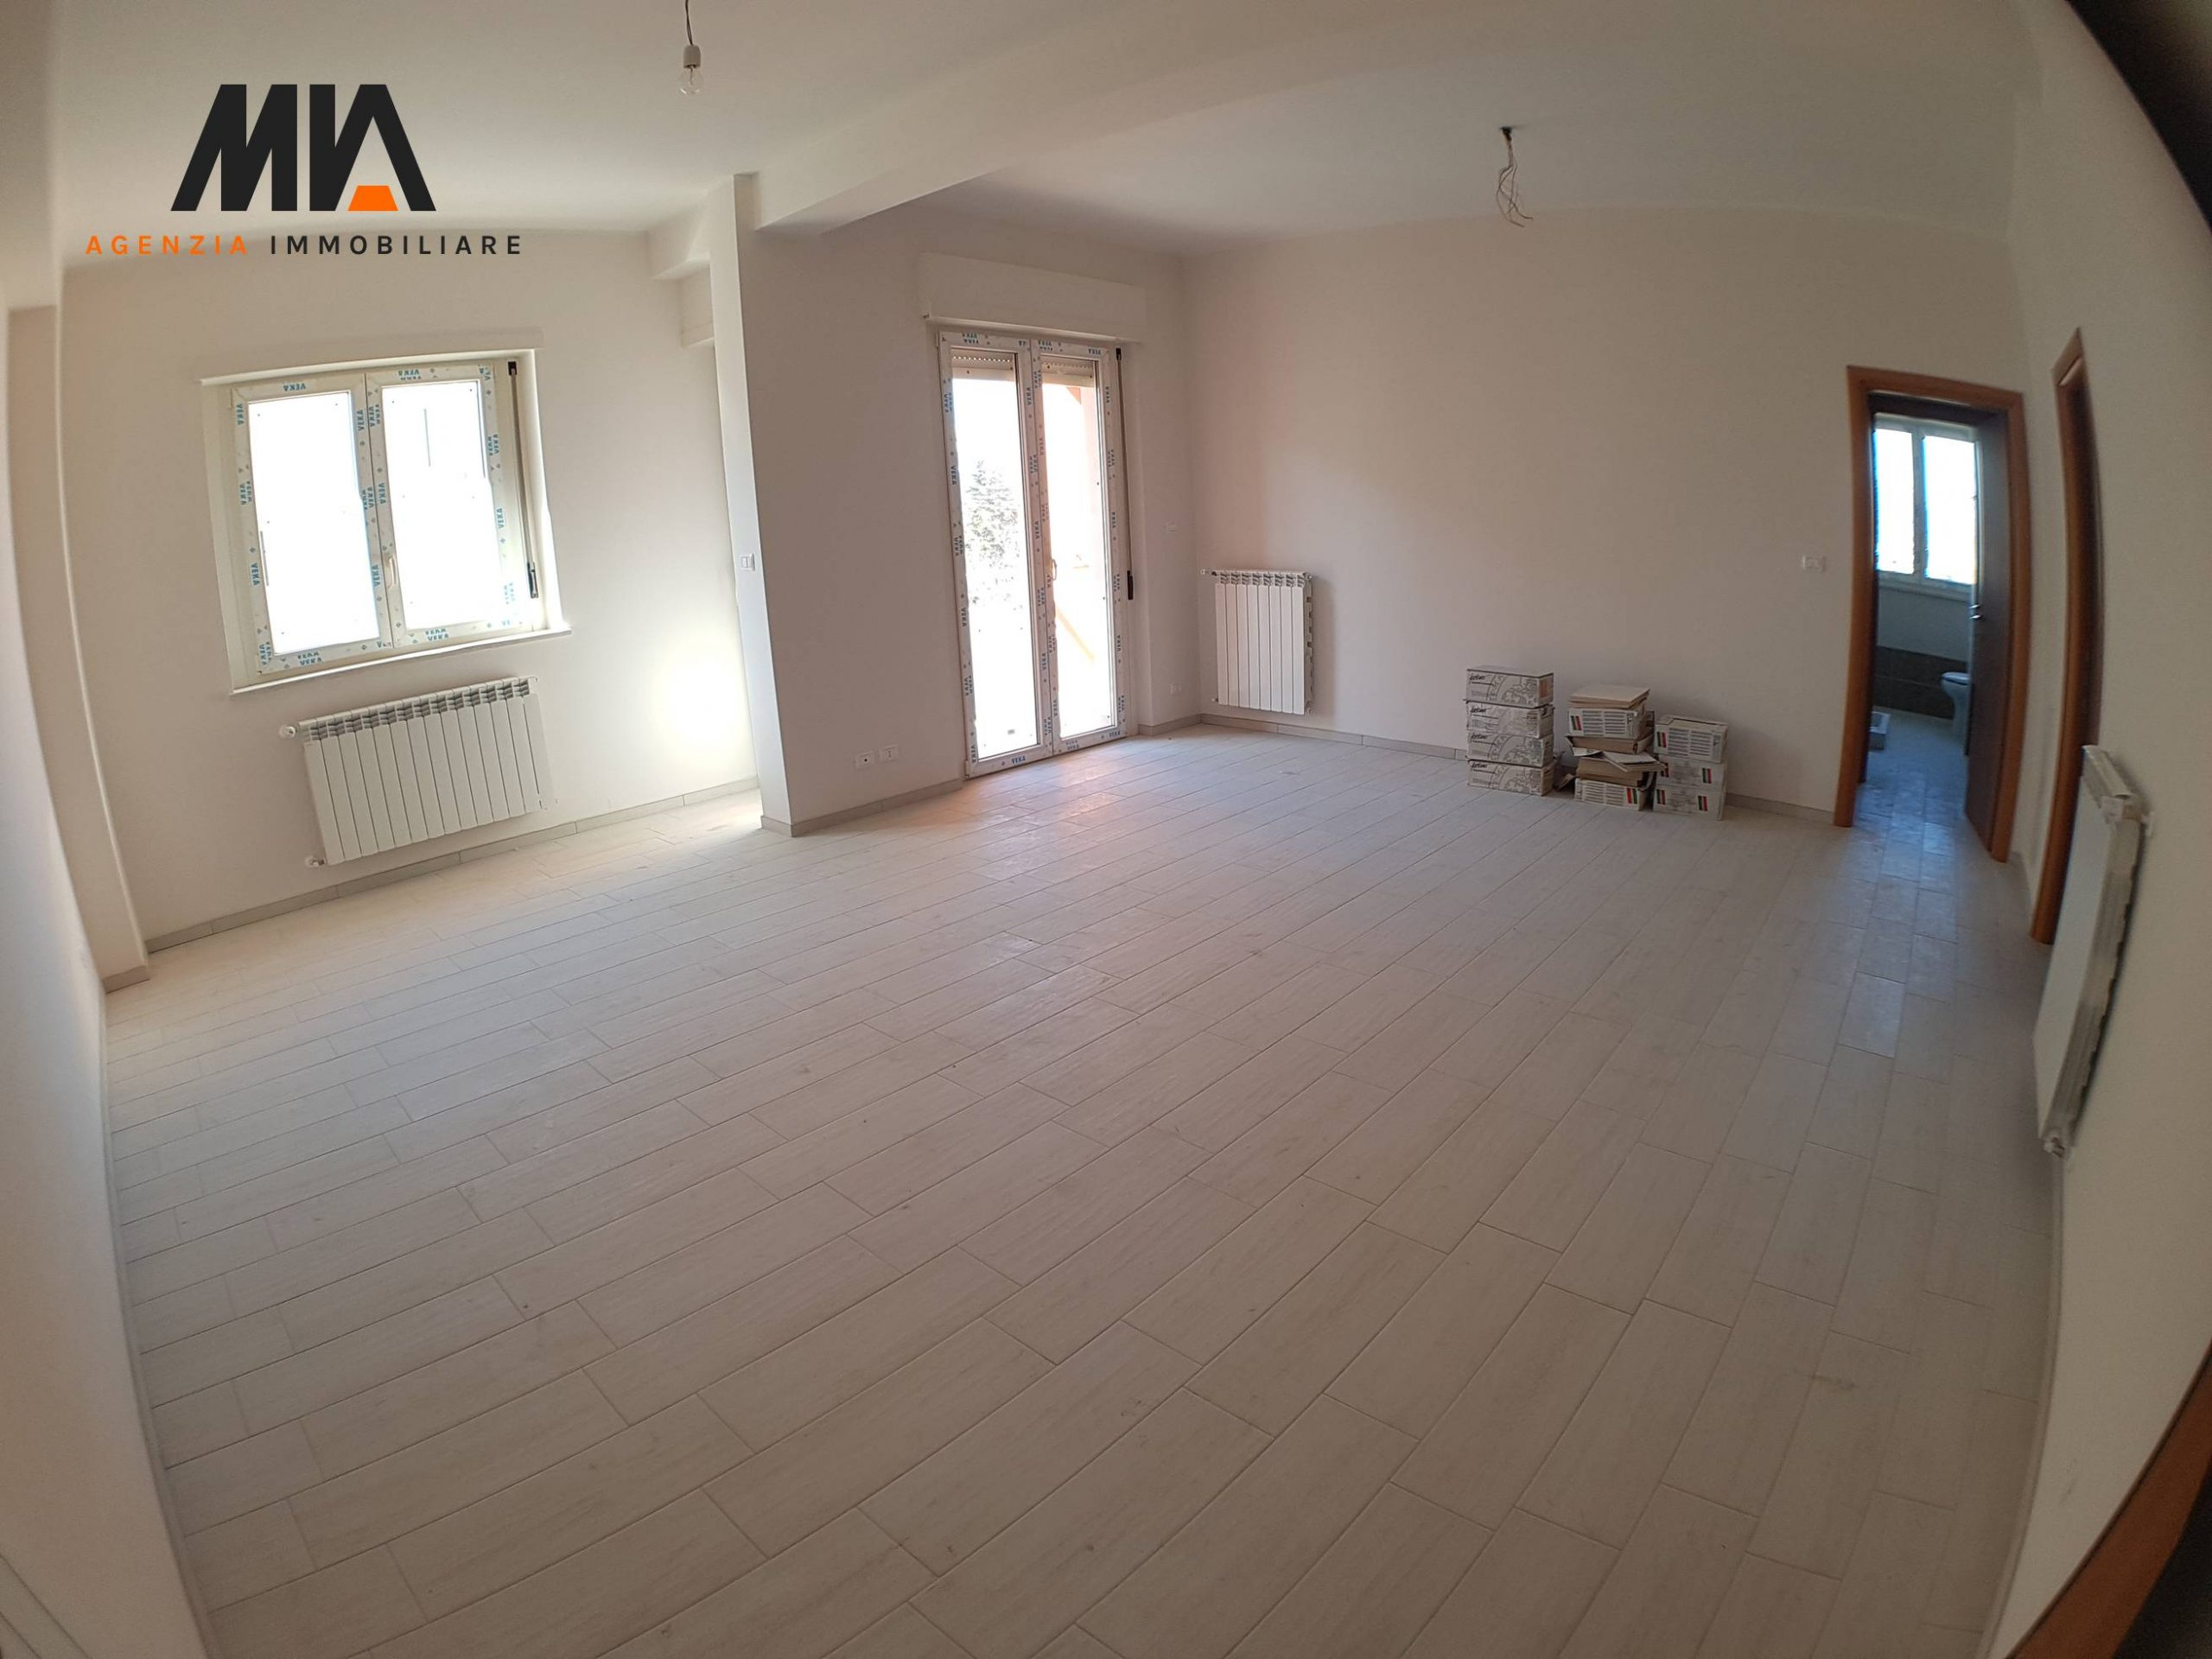 AFFITTO: Appartamento Nuovo e Centrale S. Giovanni Bosco